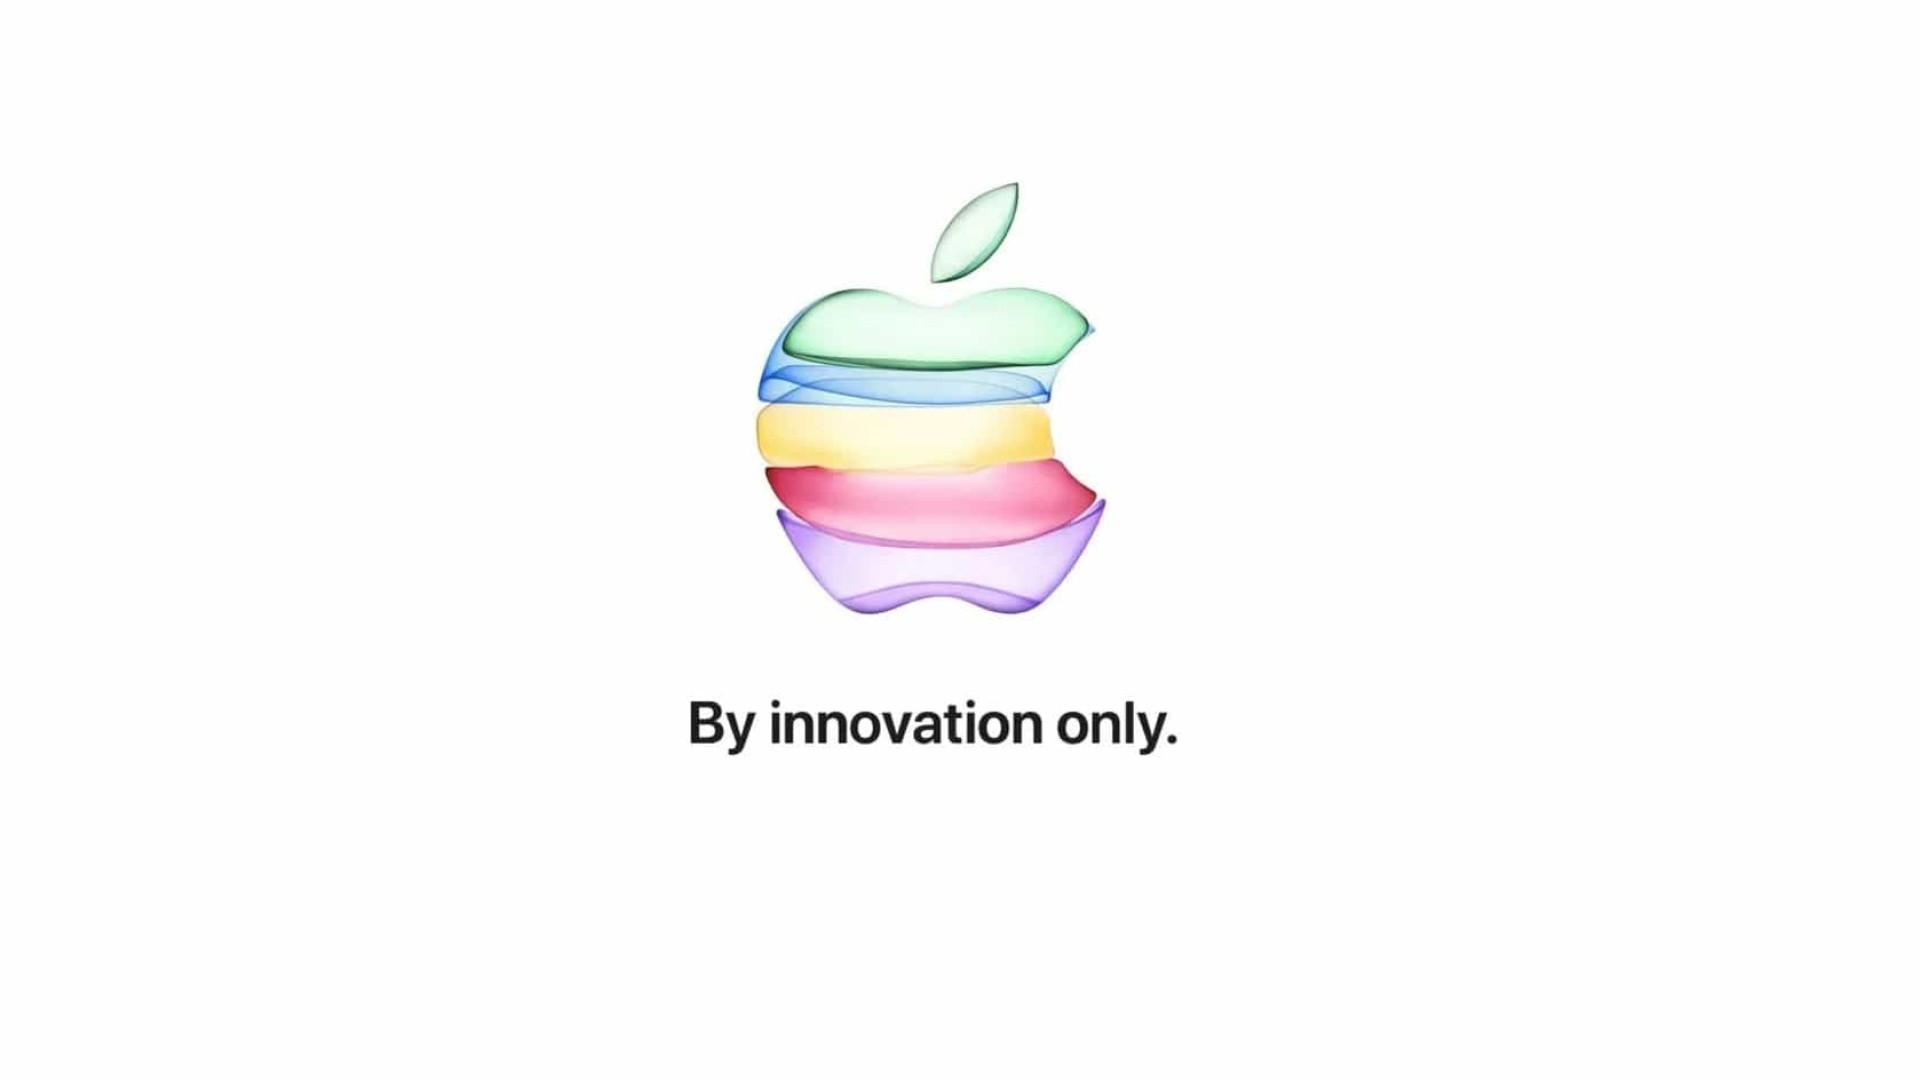 Apresentação dos novos iPhones já tem data marcada